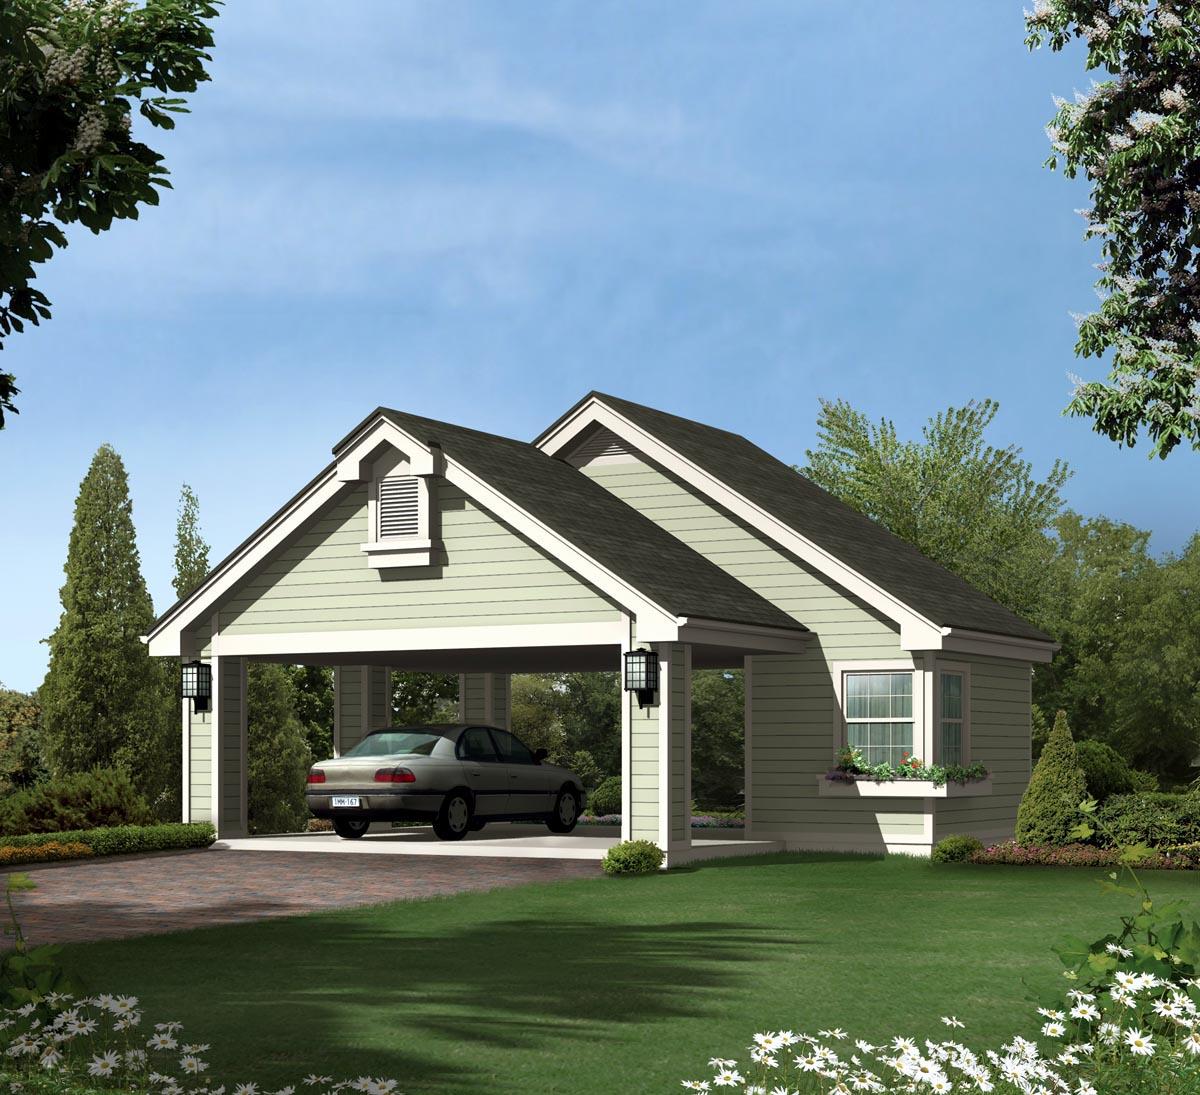 Garage Plan 95826 At Familyhomeplans Com: Garage Plan 95916 At FamilyHomePlans.com